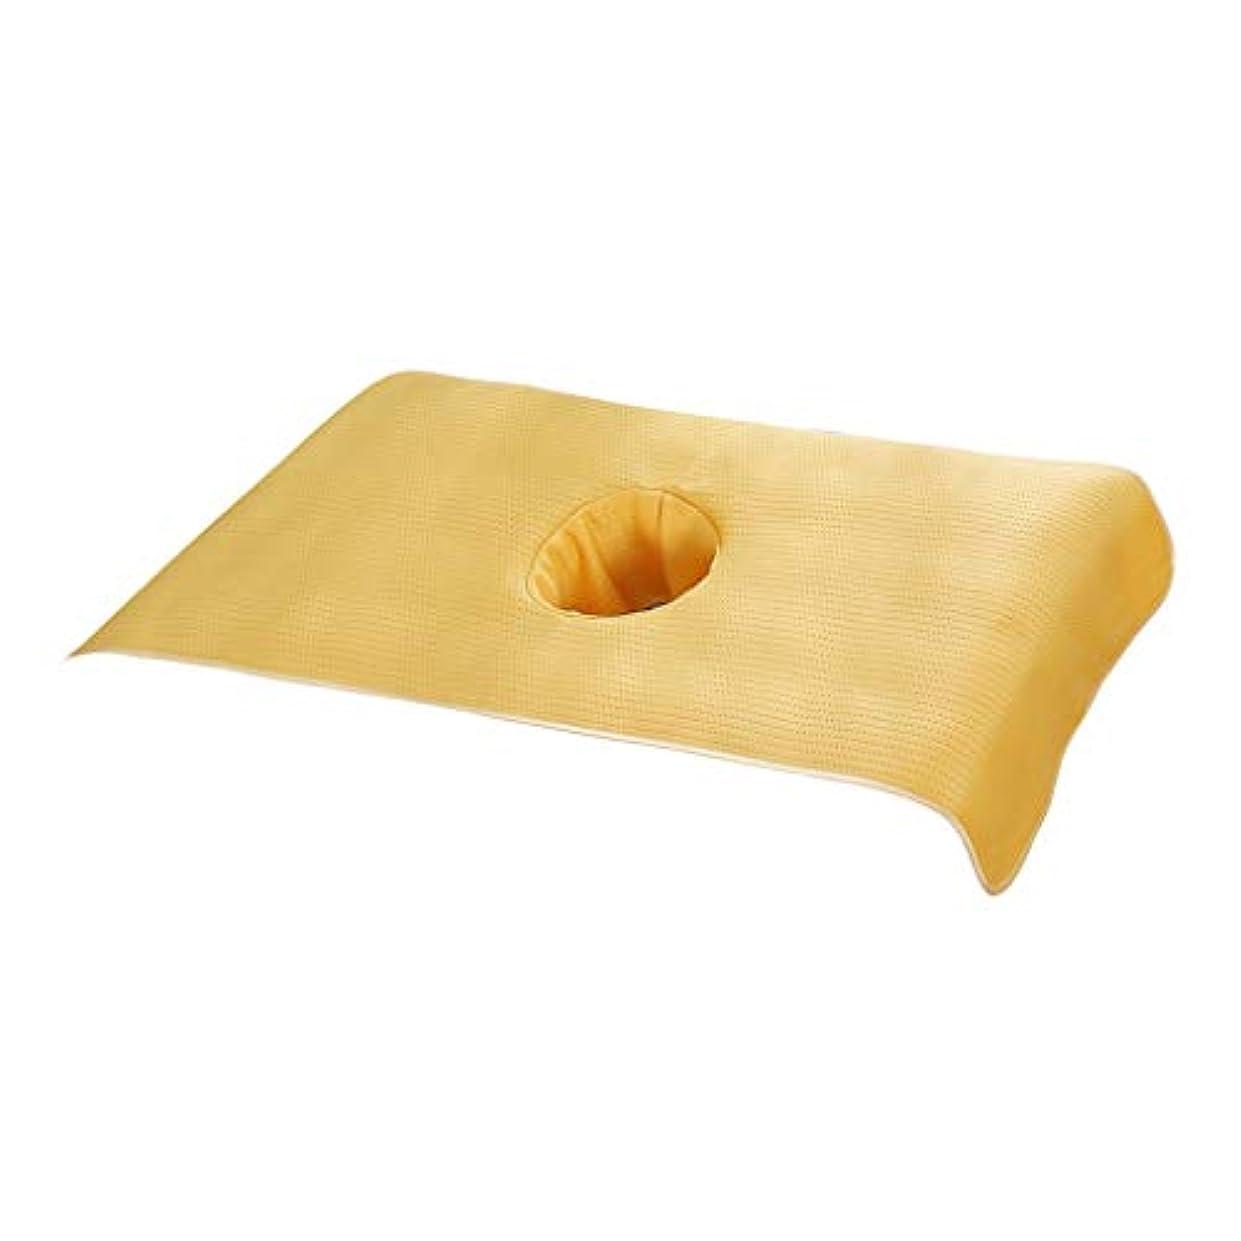 B Blesiya マッサージベッドカバー 息の穴付き 美容ベッドカバー スパ マッサージテーブルスカート 35×90cm - 黄